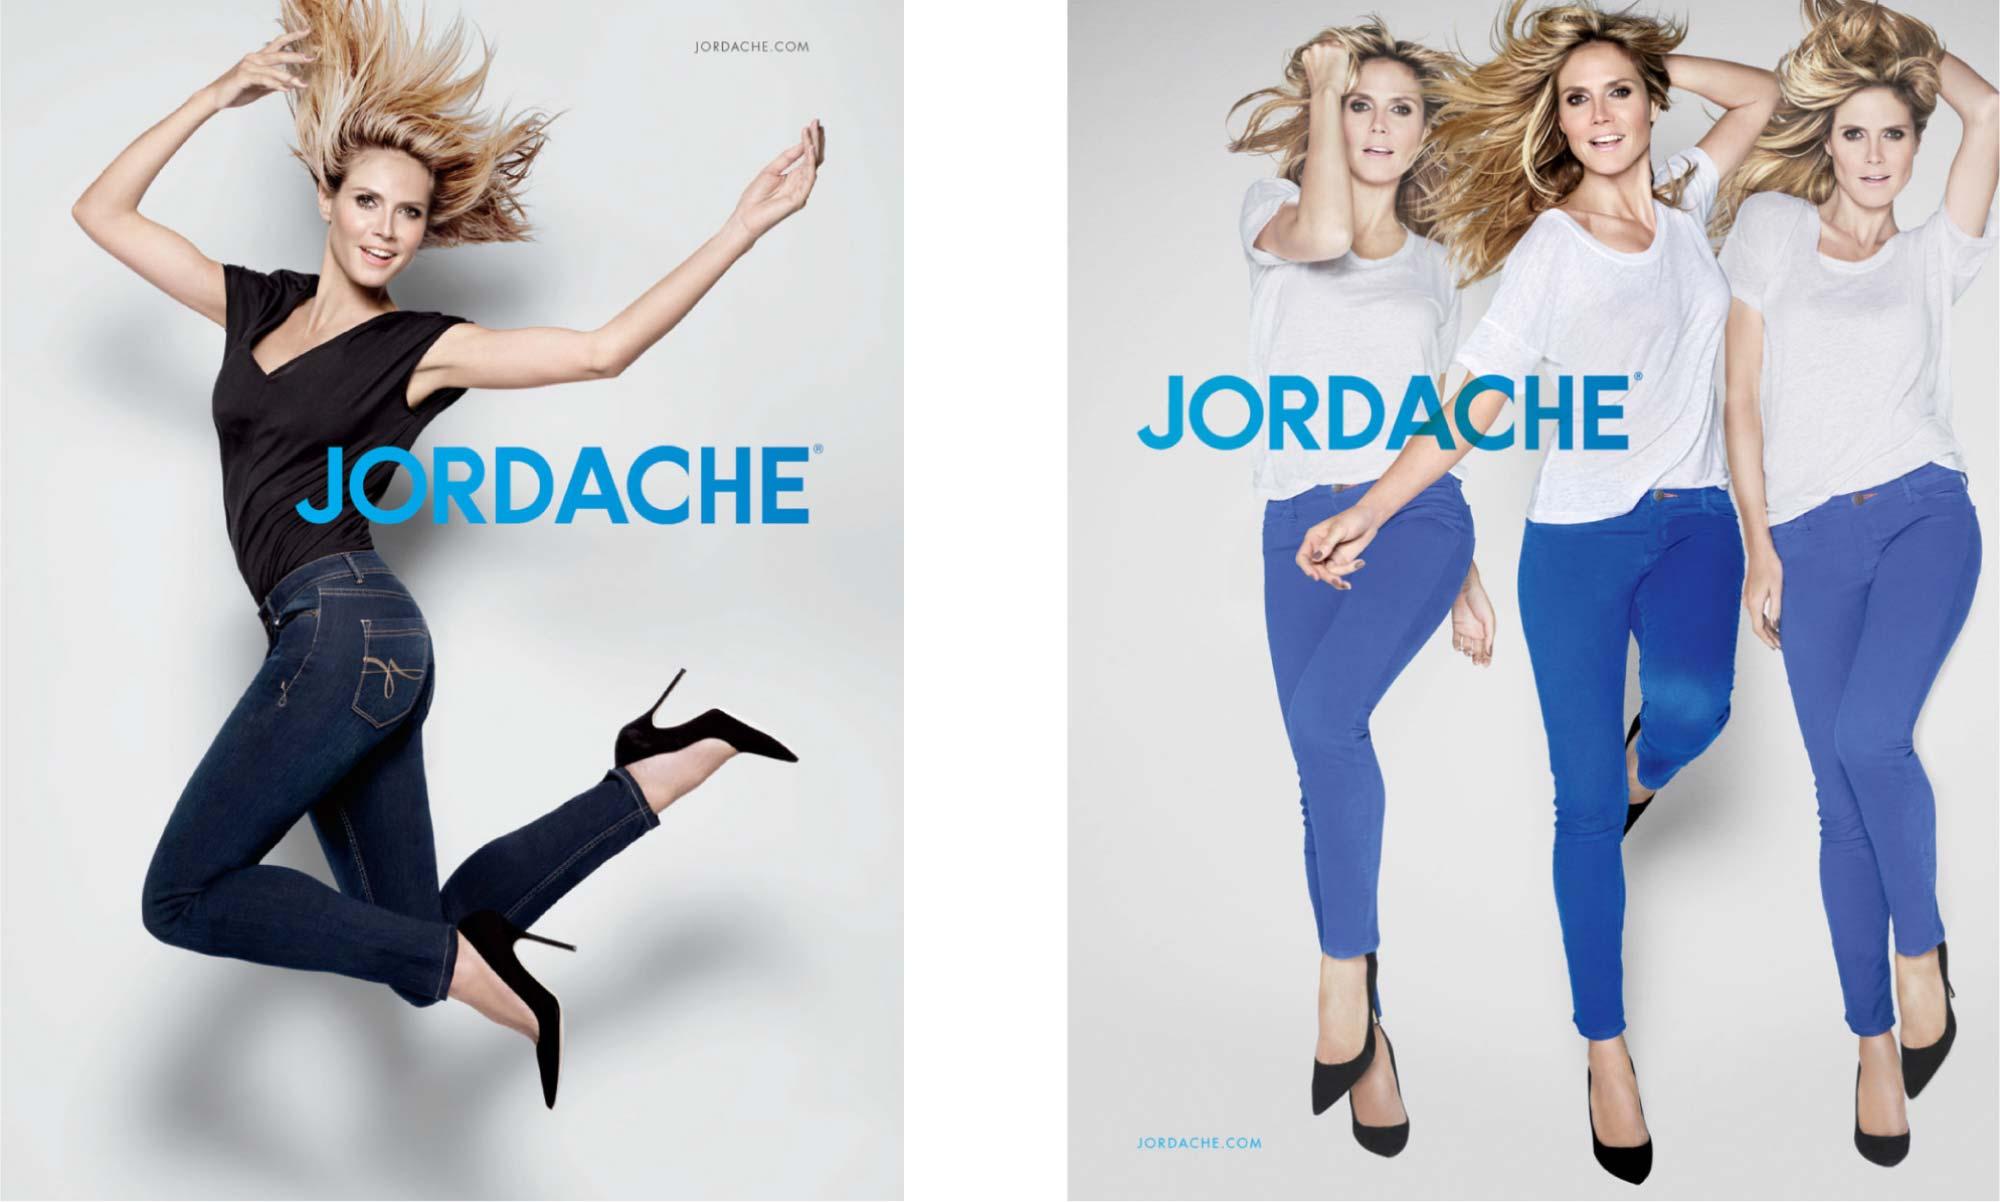 Jordache Double Ad